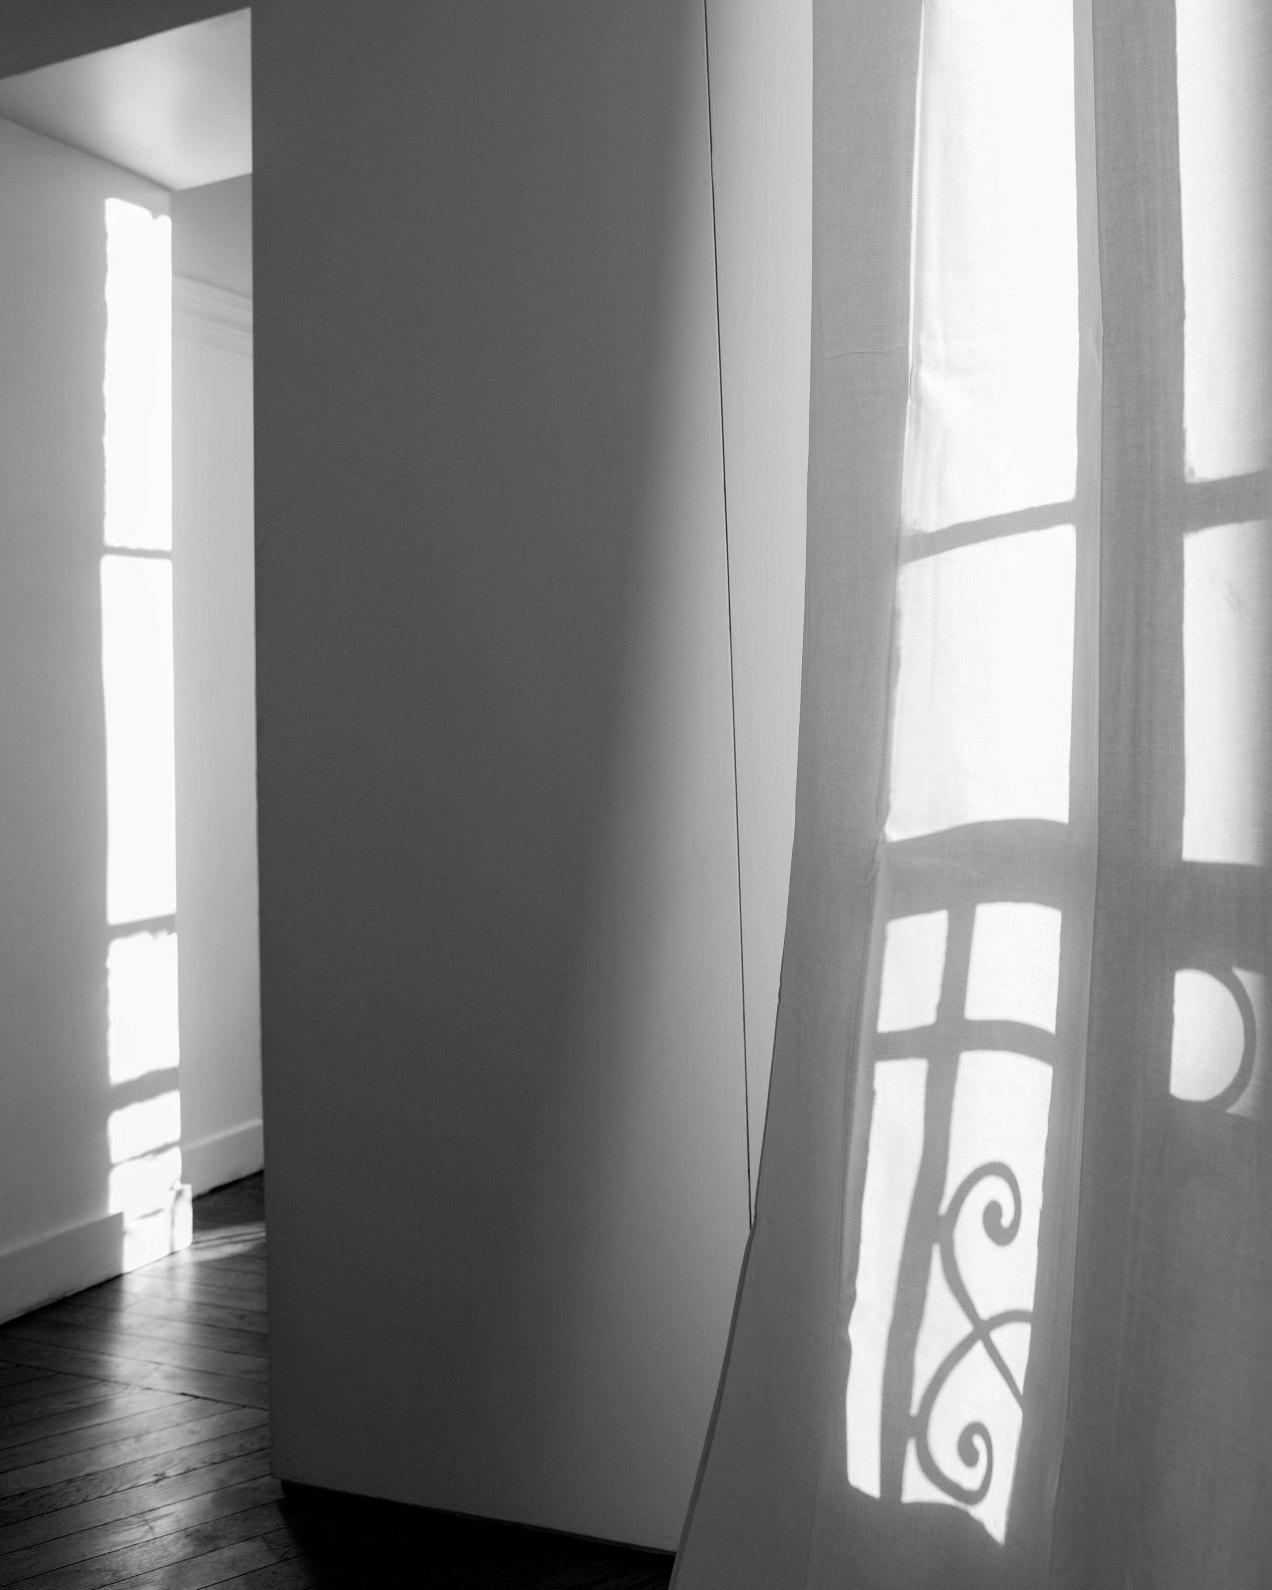 Le passage, gildalliere, LS, Paris, 2008